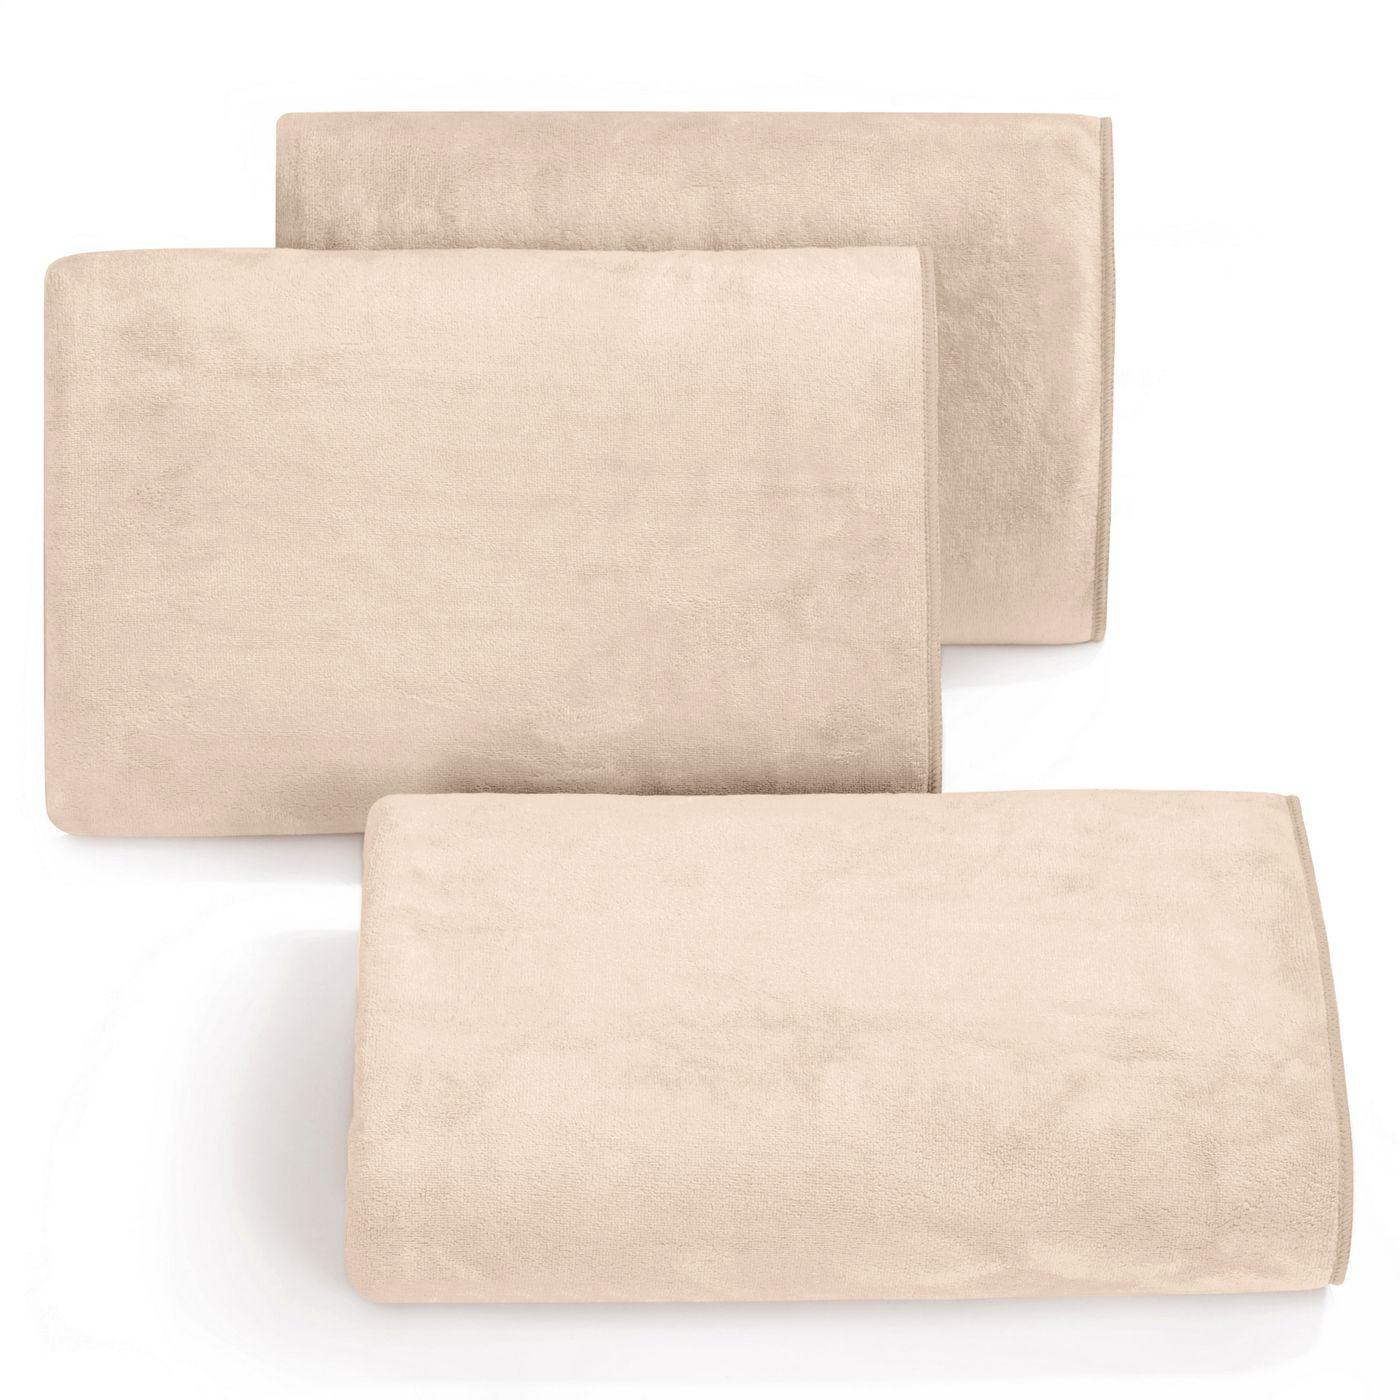 Ręcznik z mikrofibry szybkoschnący kremowy 50x90cm